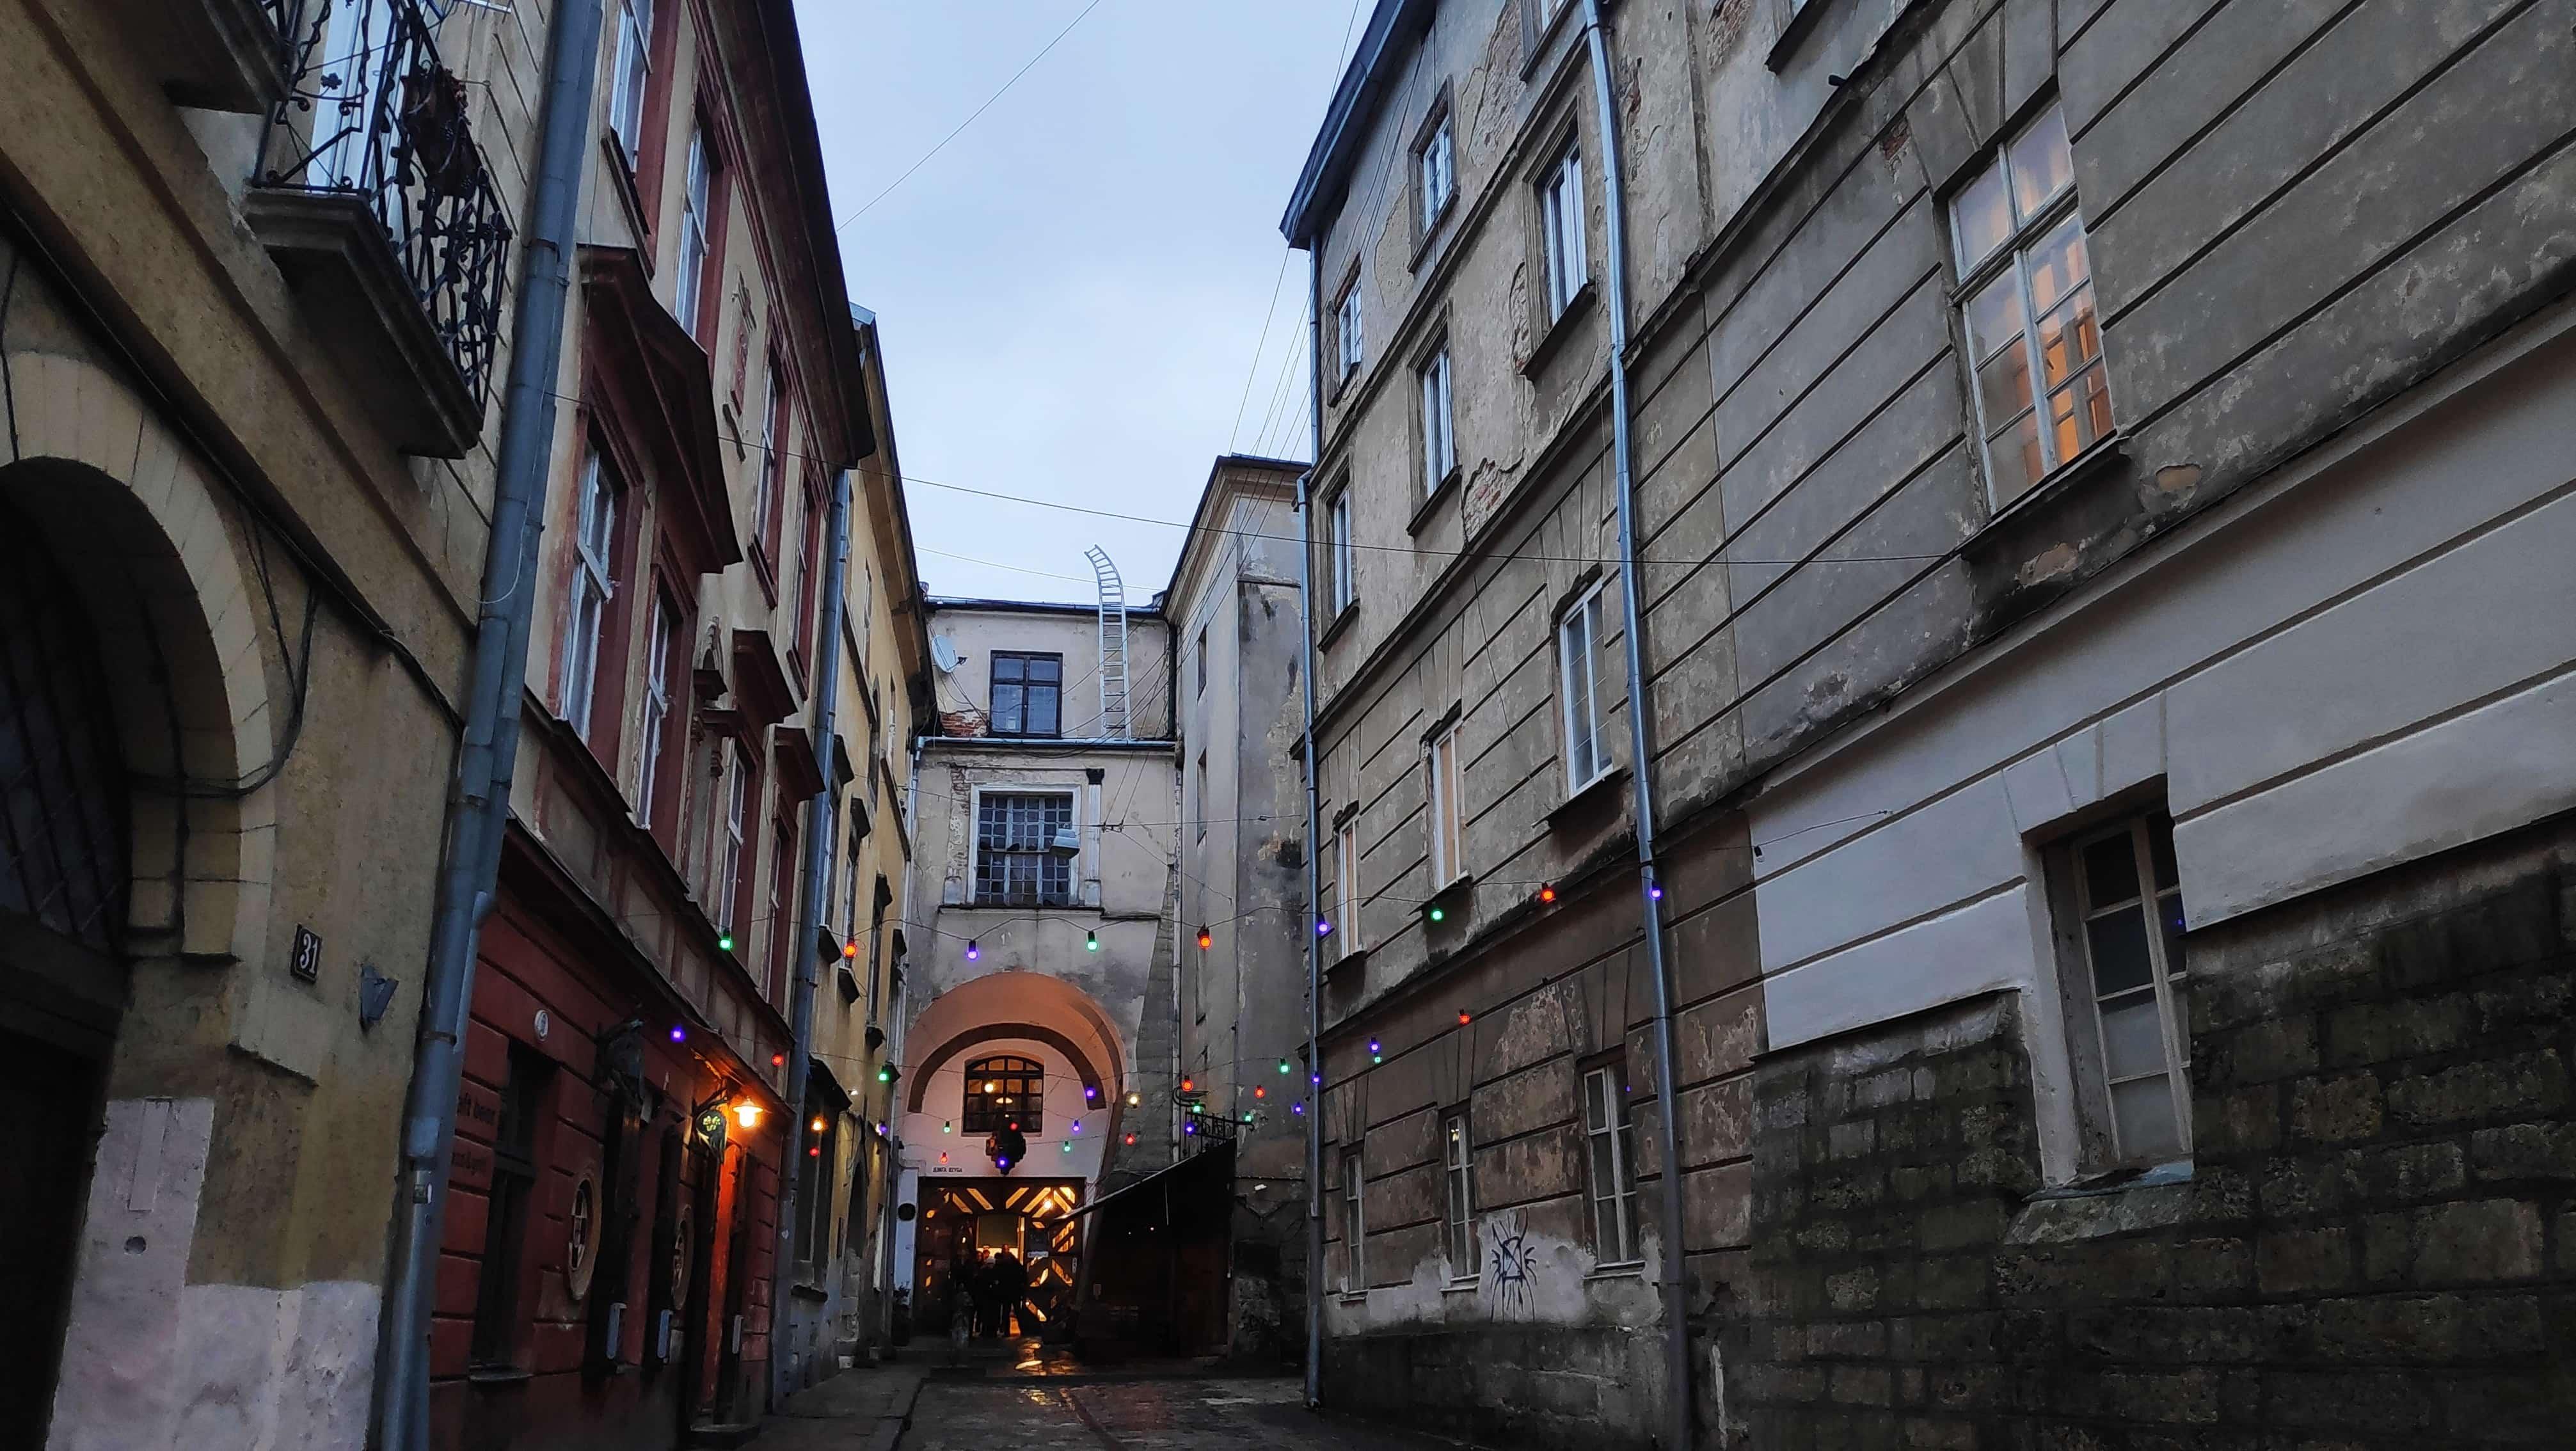 Weihnachtsbeleuchtung in Lviv in der Ukraine